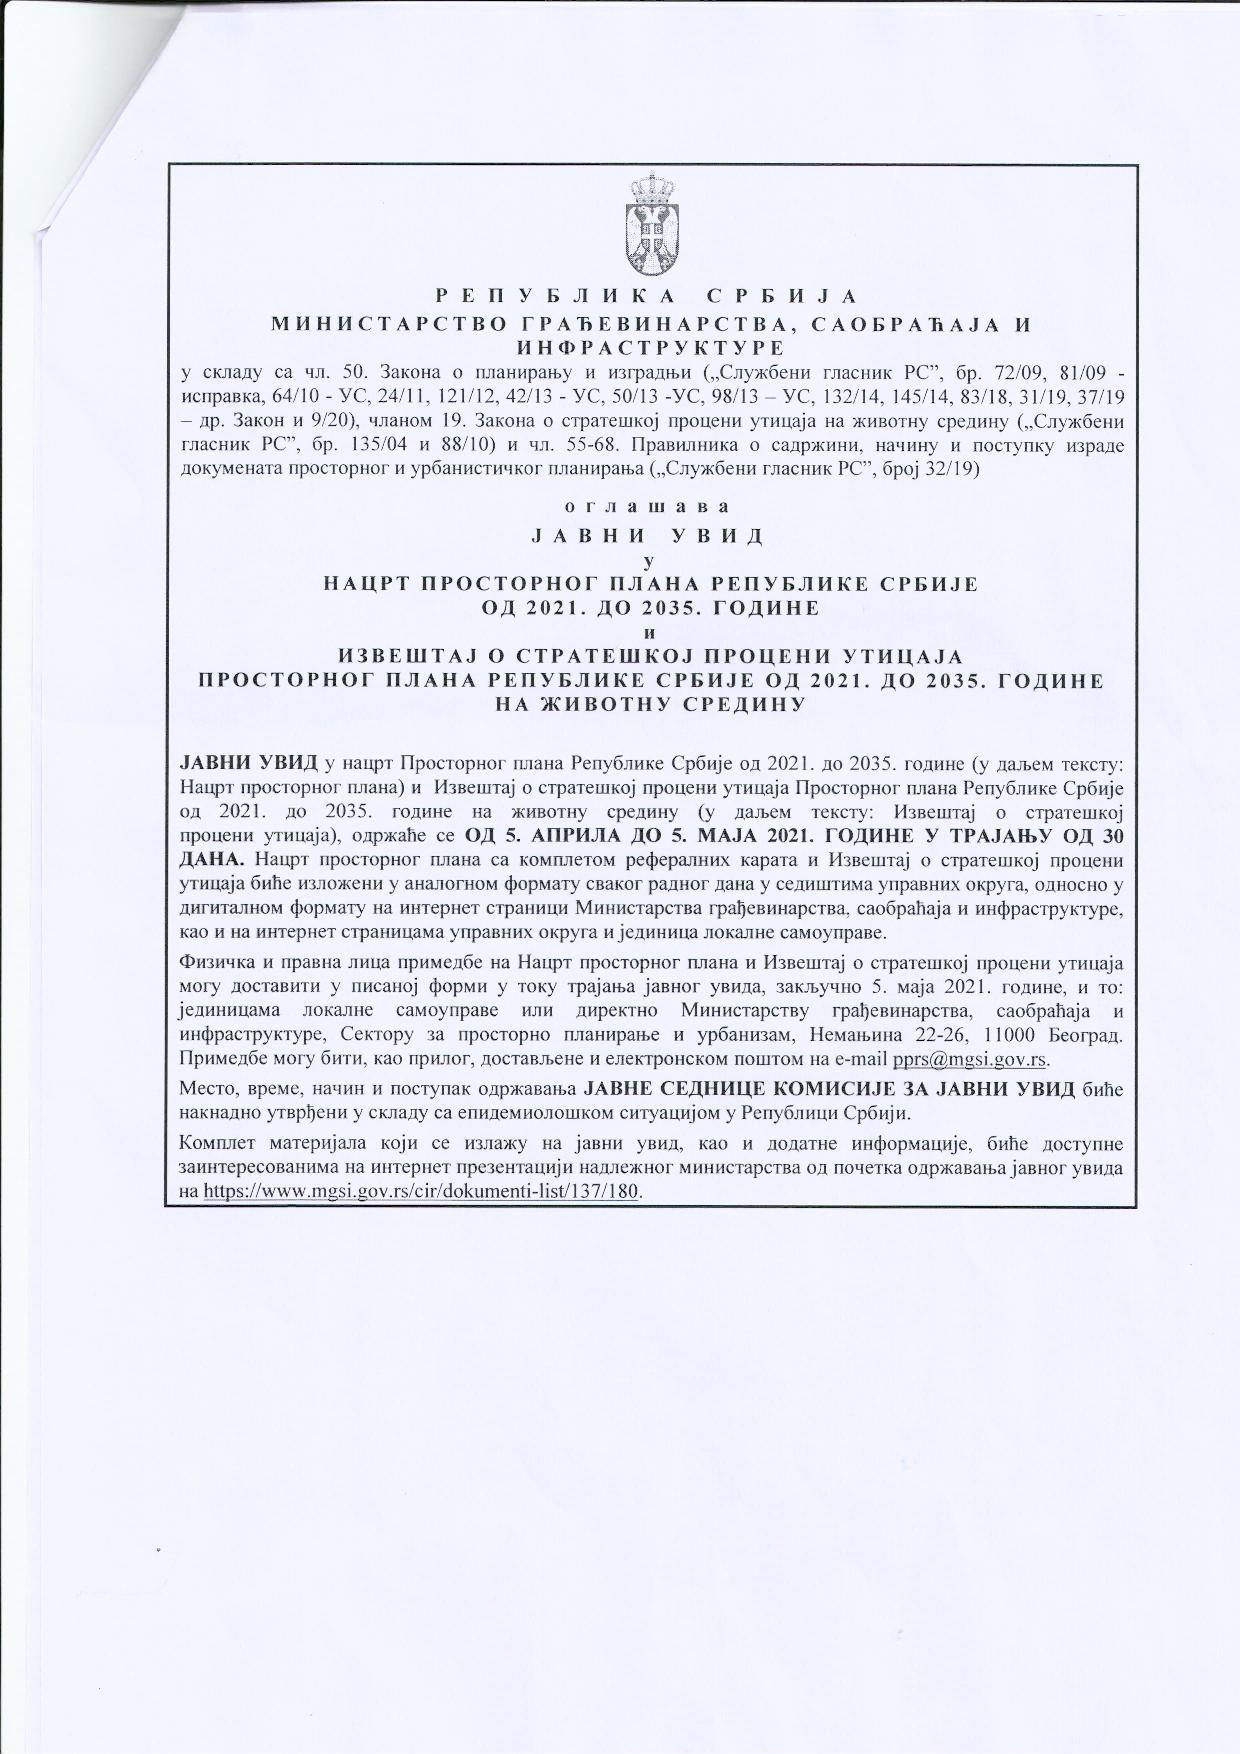 ЈАВНИ УВИД У НАЦРТ ПРОСТОРНОГ ПЛАНА РЕПУБЛИКЕ СРБИЈЕ OД 2021. ДО 2035. ГОДИНЕ